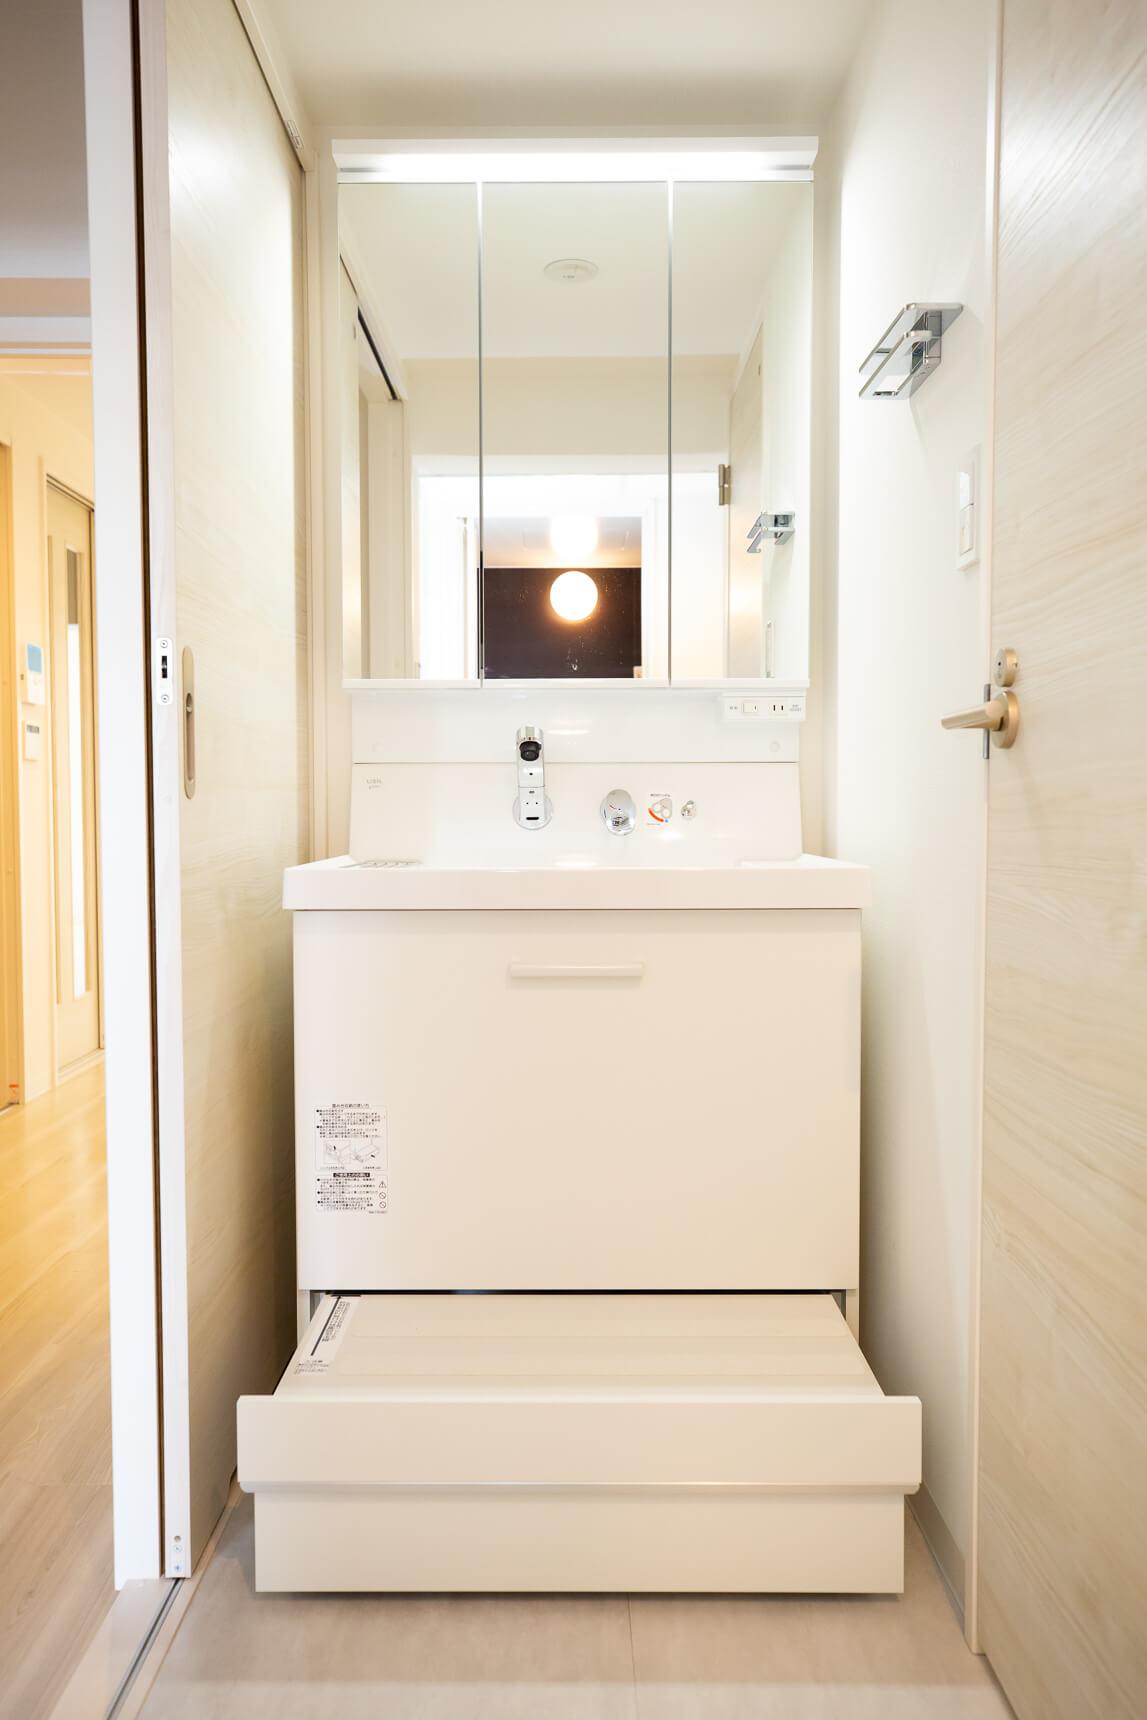 洗面台もデザインがいいですね。収納の一番下の段は、子どもが乗ることのできるステップにもなる優れもの。